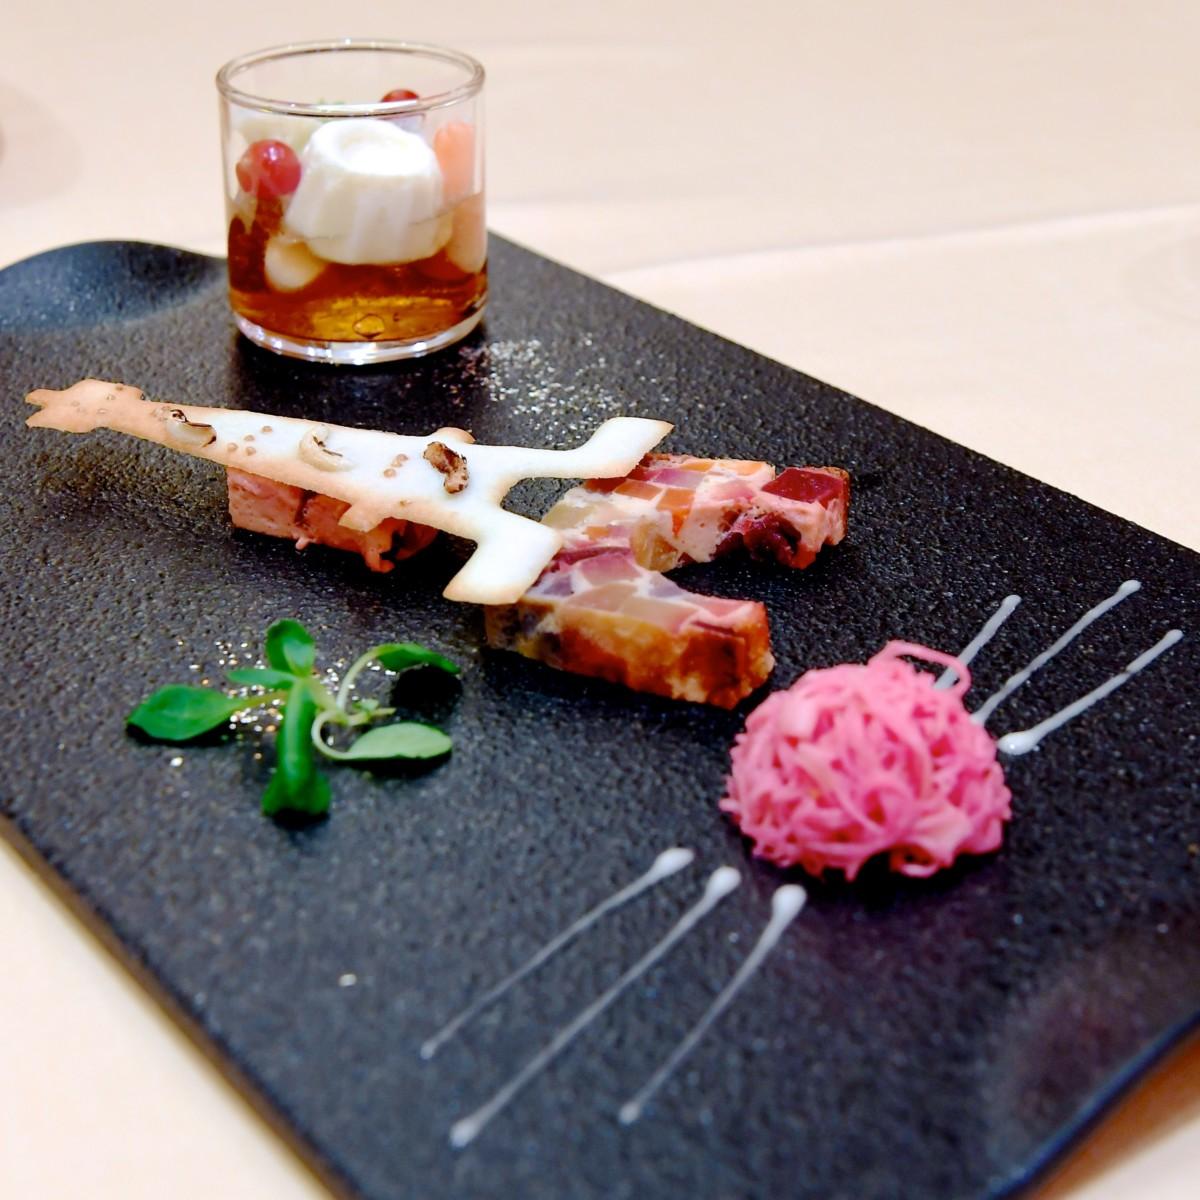 シーフードのパリソワール仕立て スペイン風オムレツと根セロリのサラダを添えて サイド